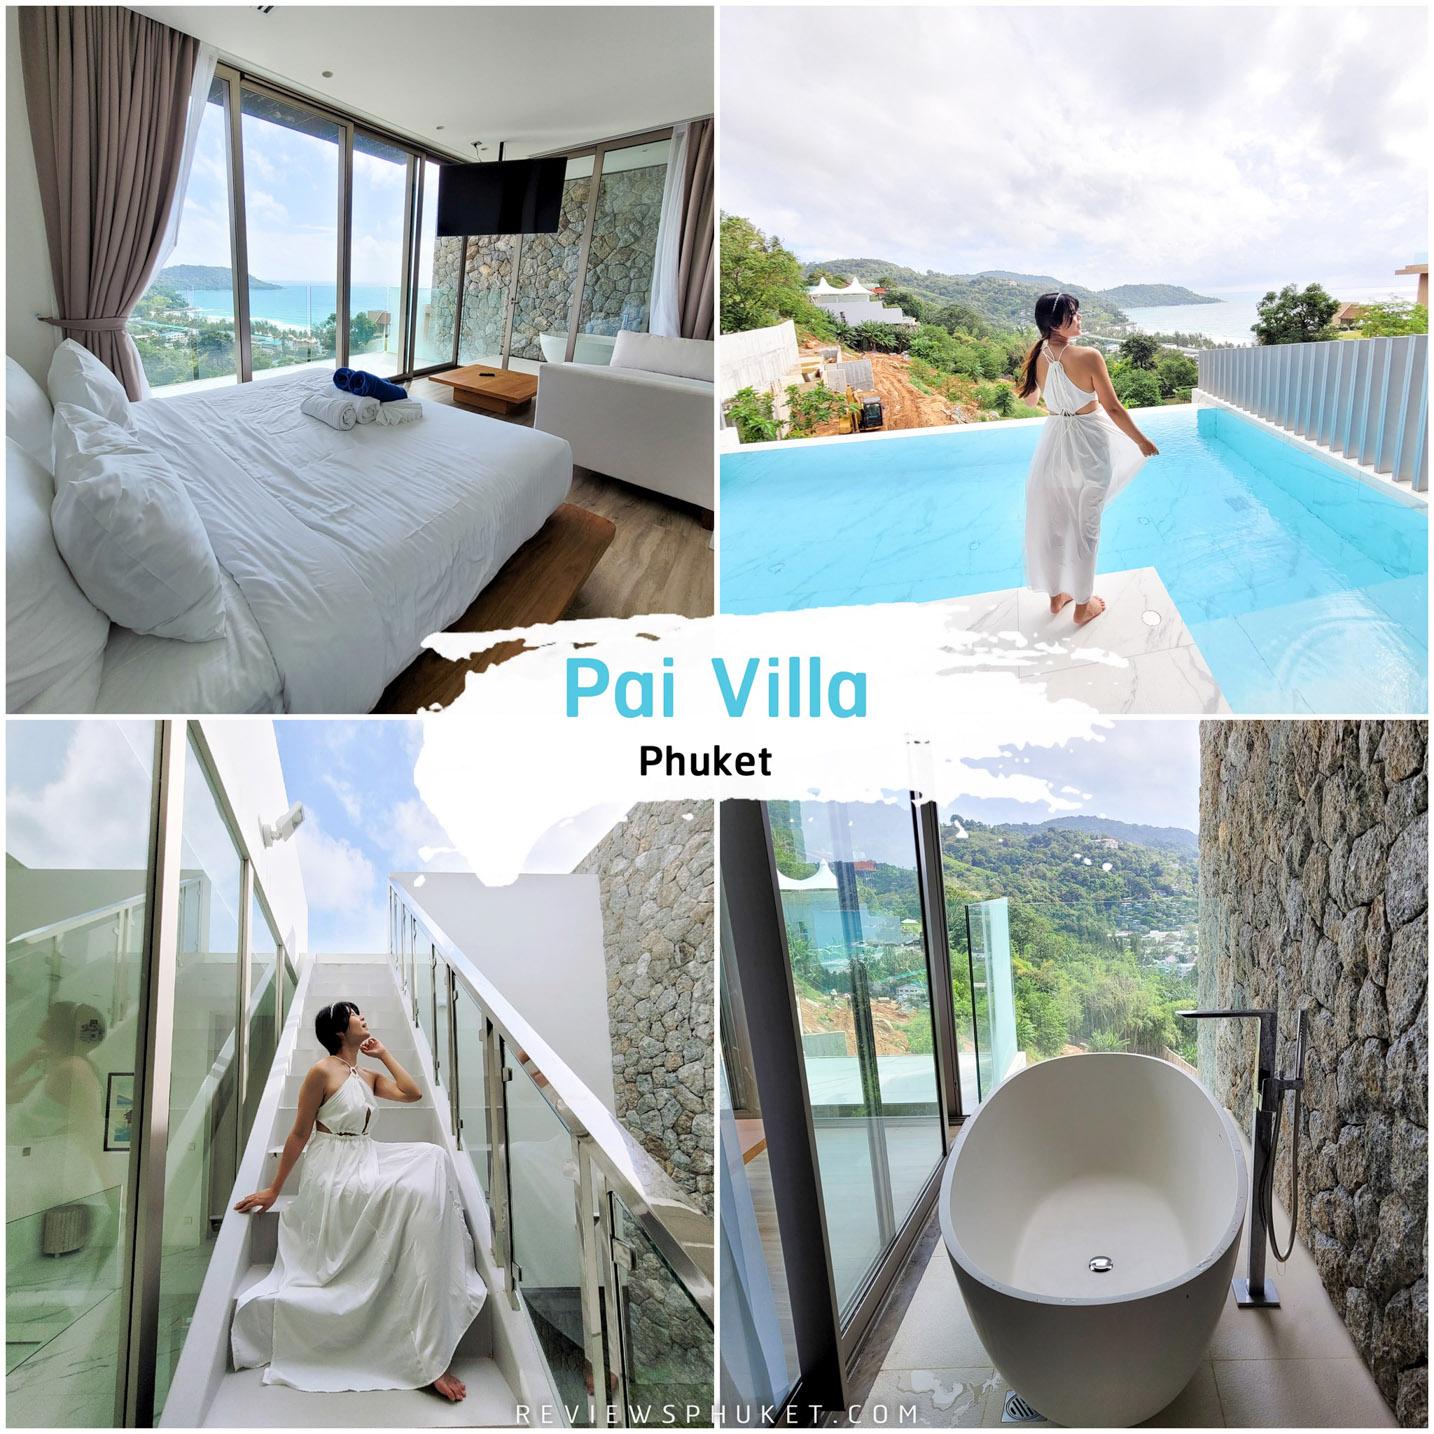 Pai-Villa พายวิลล่า-ที่พักสุดสวยพูลวิลล่าวิวหลักล้านภูเก็ต-บอกเลยต้องมาเช็คอิน-ด้วยการบริการที่สะดวกสบาย-และความเป็นส่วนตัวสุดๆ-เหมาะแก่การพักผ่อนไม่ว่าจะมาปาร์ตี้กับกลุ่มเพื่อน-มากับครอบครัว-มากับคู่รักสำหรับสวีทหวานแหวว-ก็แนะนำเลย-เพราะด้วยวิวหลักล้านของที่พักภูเก็ตแห่งนี้-แอดชอบมวากเลยย ที่พักภูเก็ต,ที่พักหรู,วิวหลักล้าน,ริมทะเล,โรงแรม,รีสอร์ท,Phuket,หาดสวย,น้ำใส